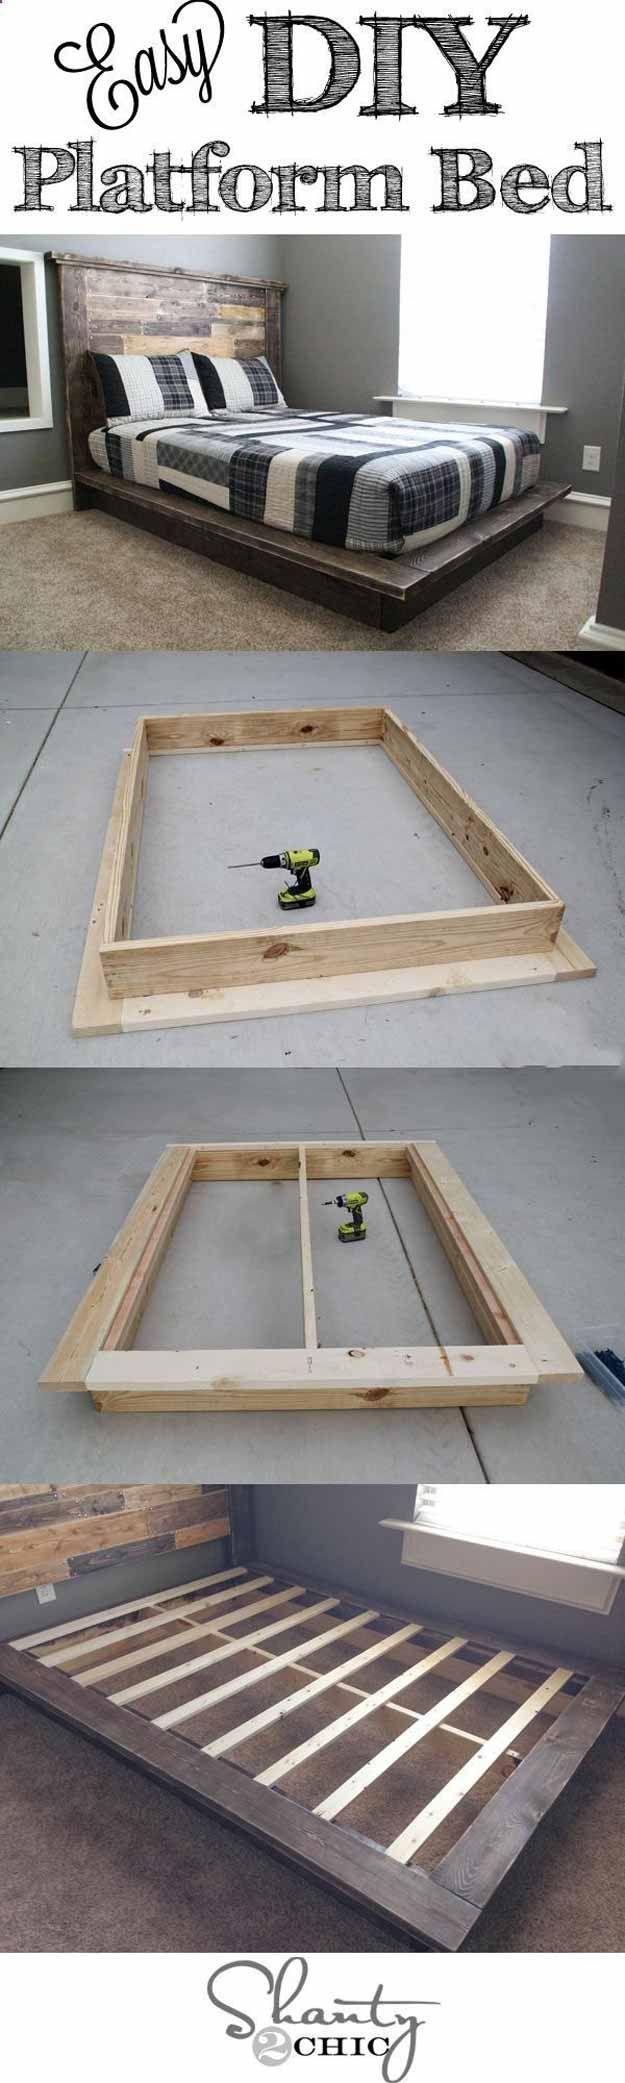 Easy DIY Platform Bed   14 DIY Platform Beds to Upgrade Your Bedroom